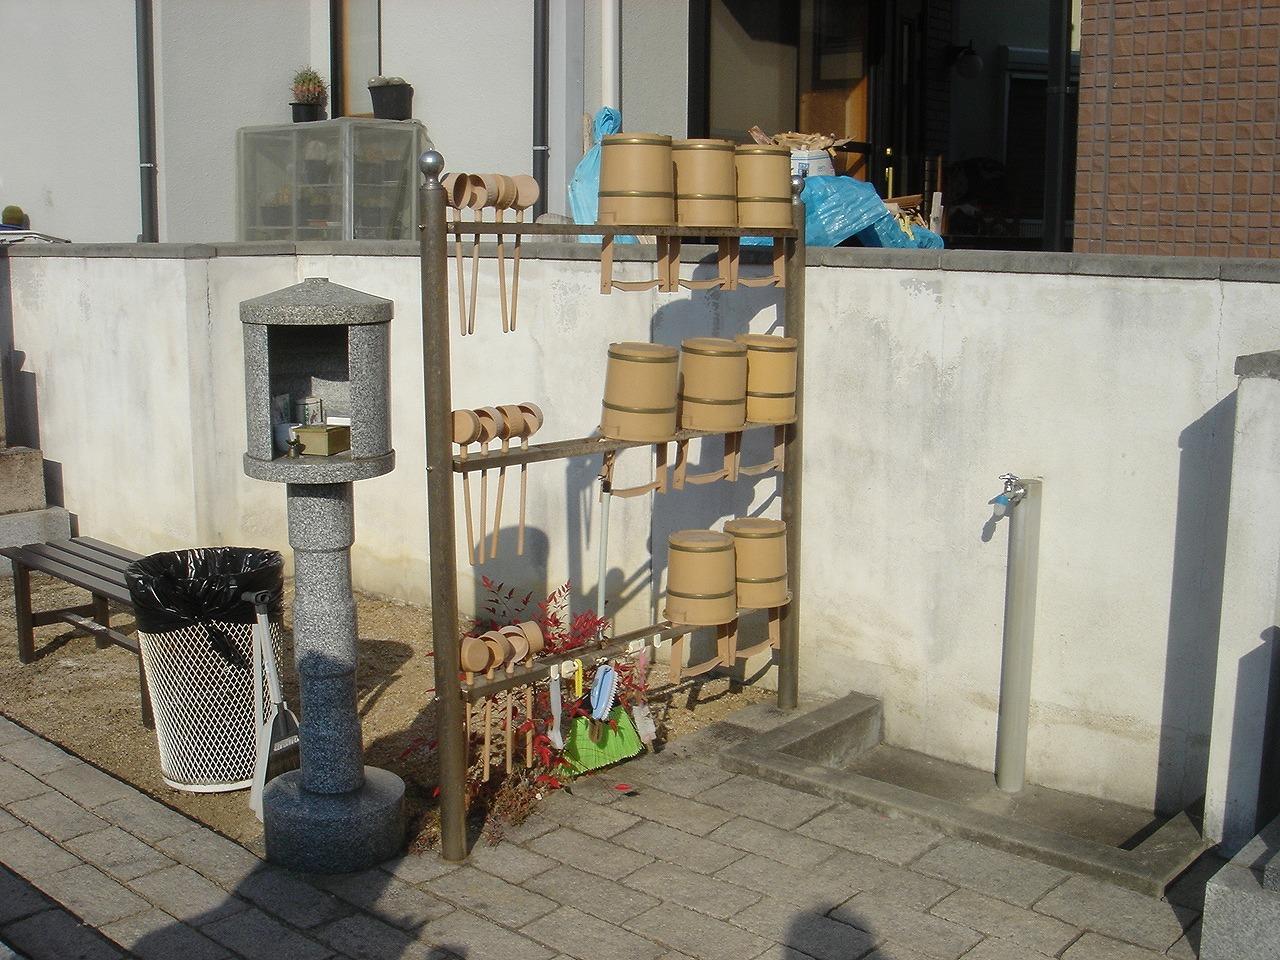 芦屋市にある歴史上由緒あるお寺 親王寺境内墓地の水場